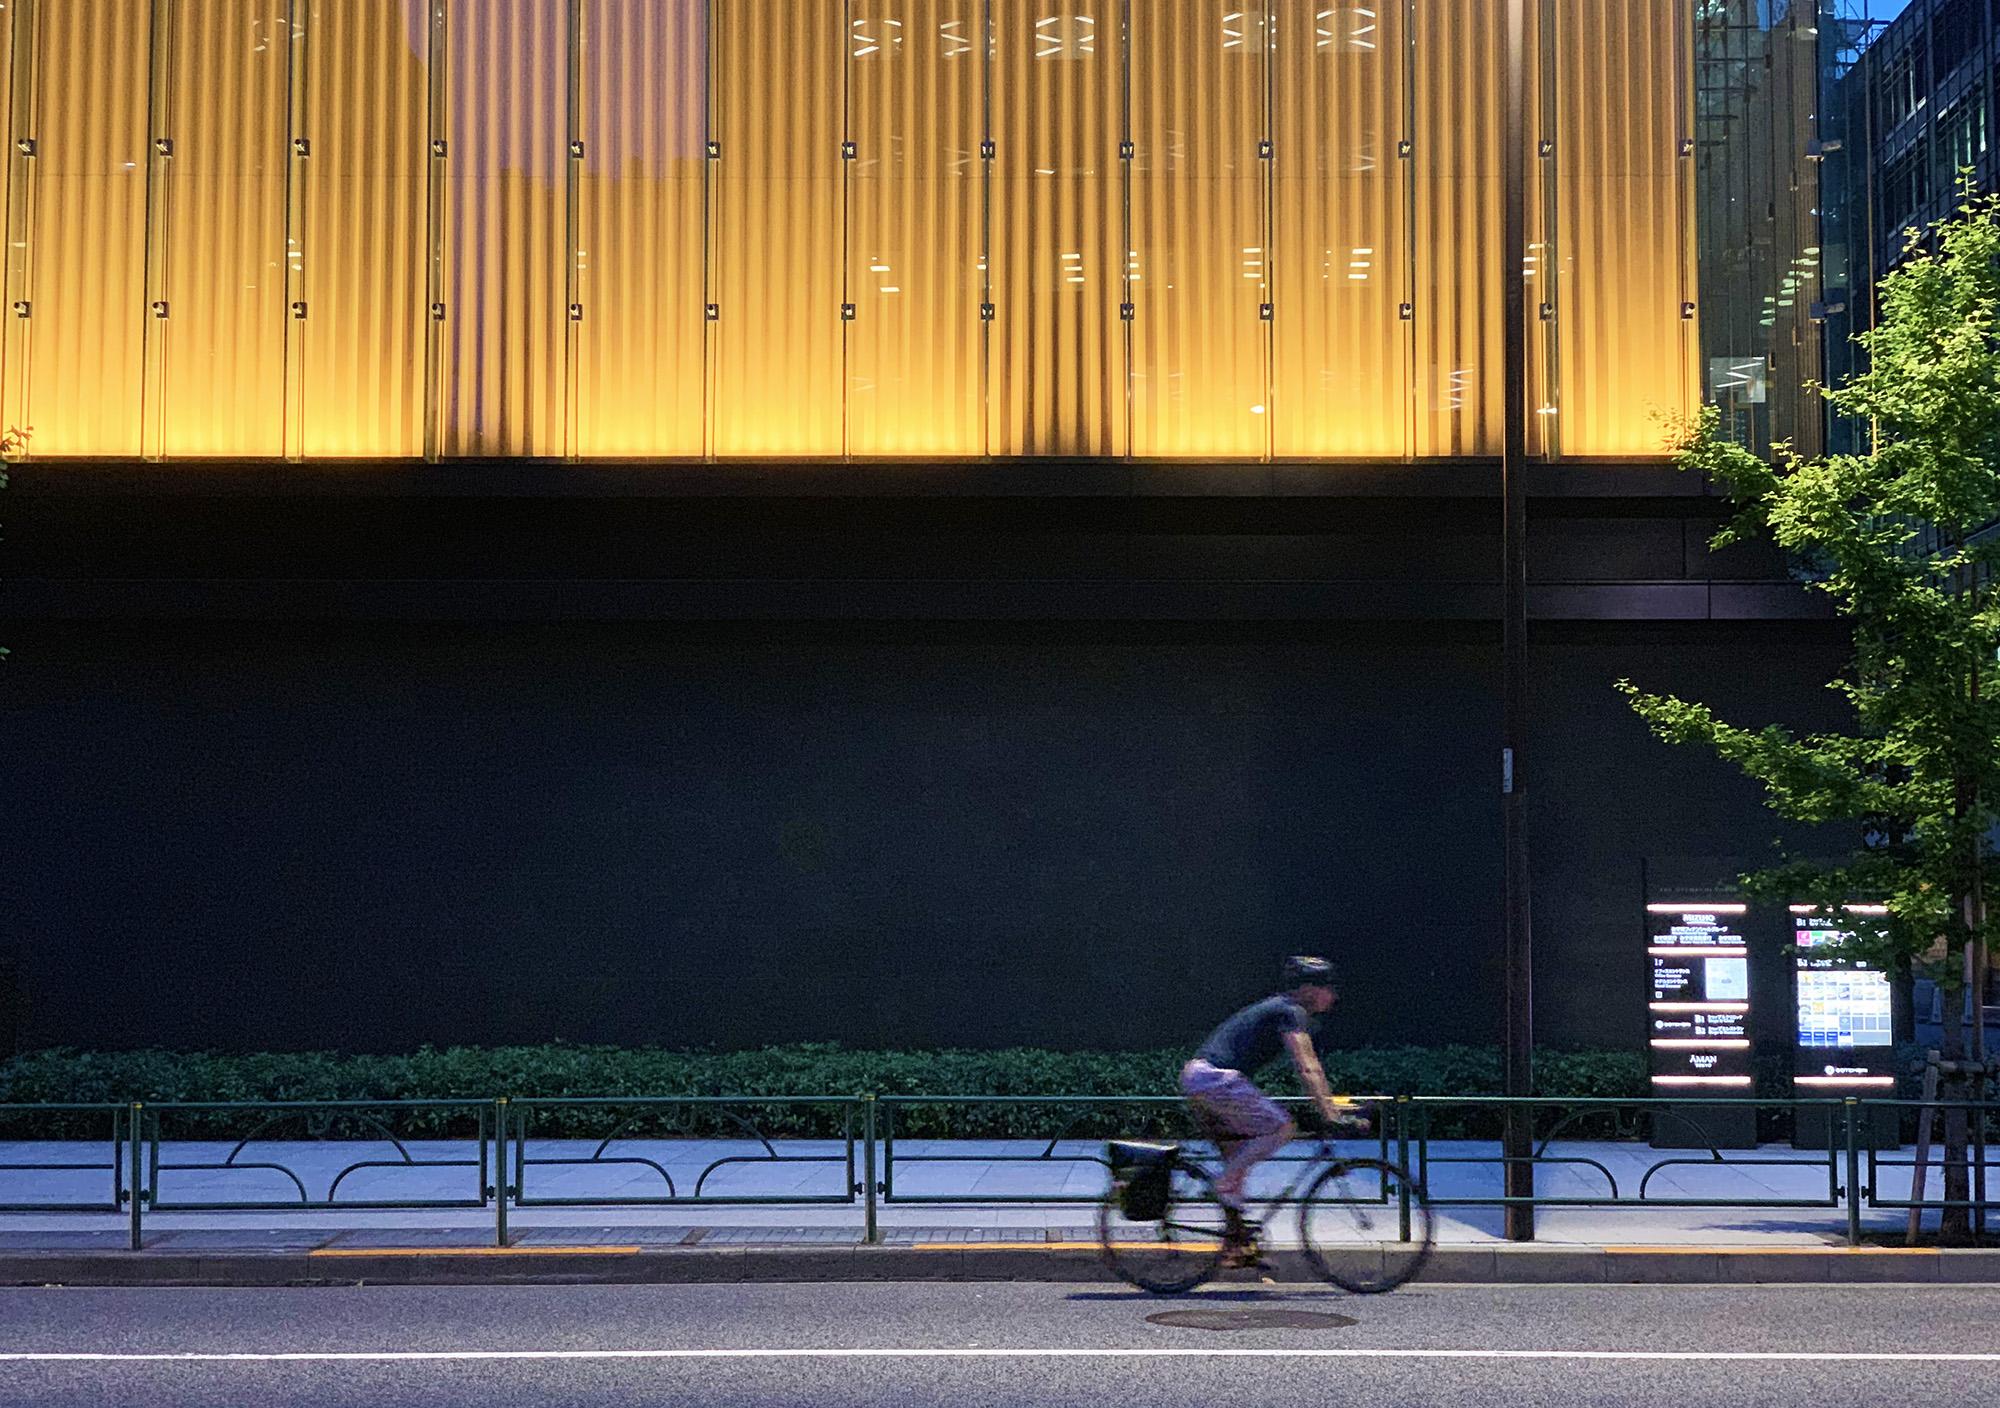 Tokyo evening bikers